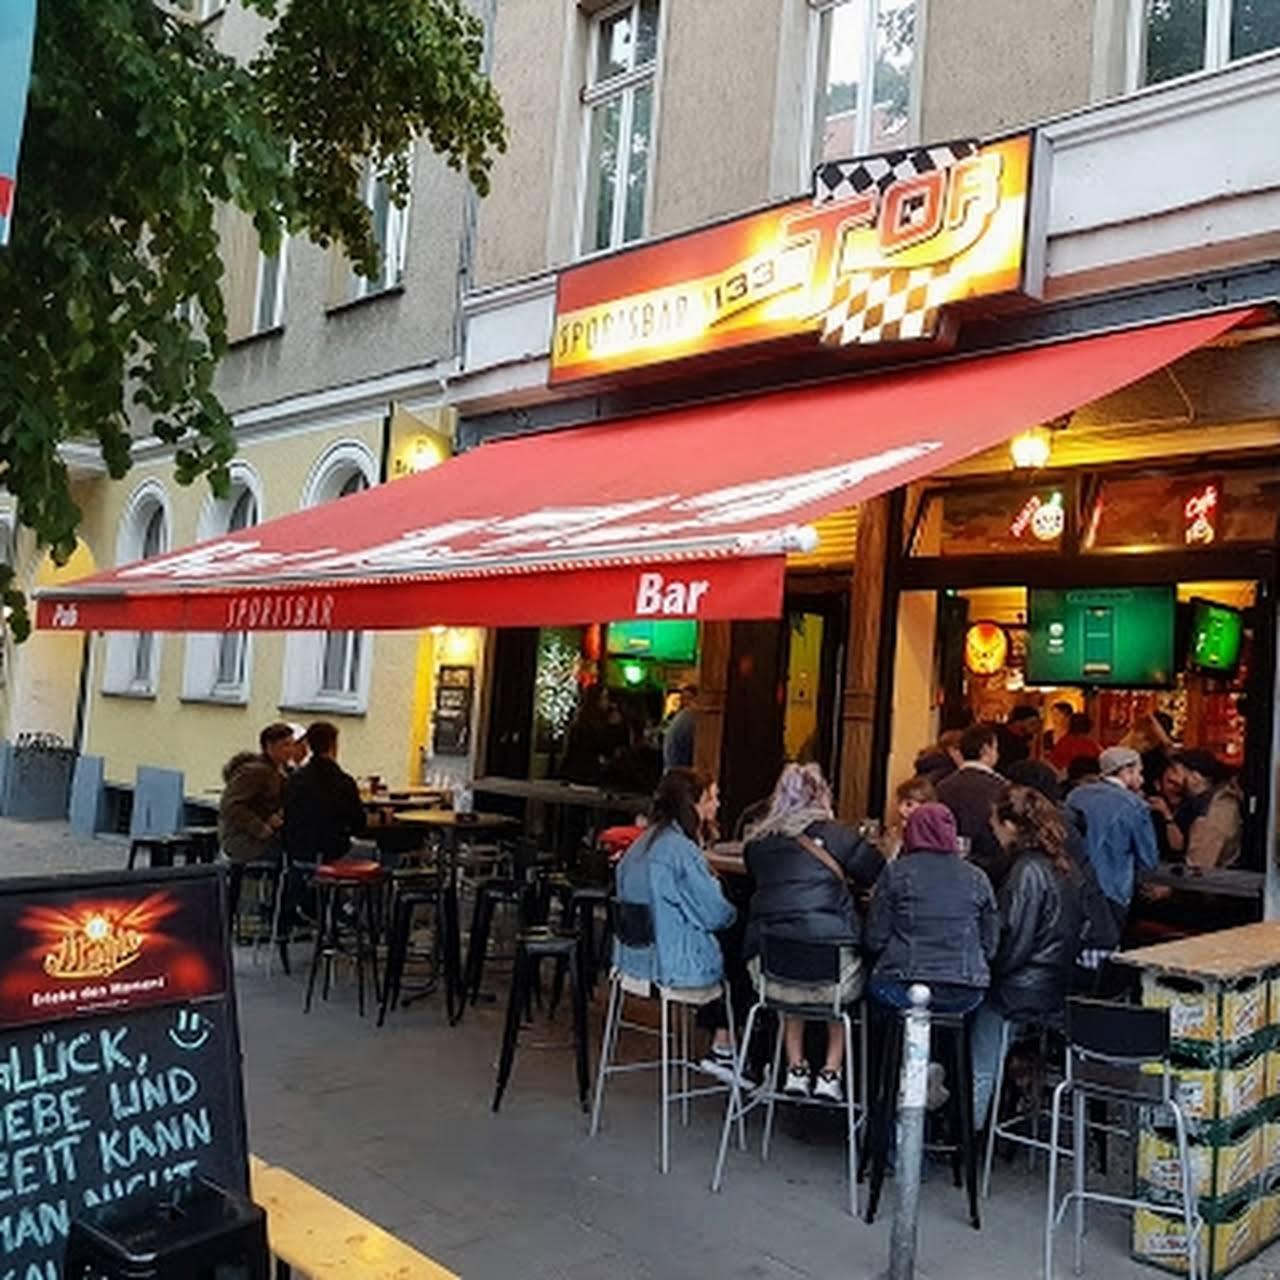 Sportsbar Berlin Mitte